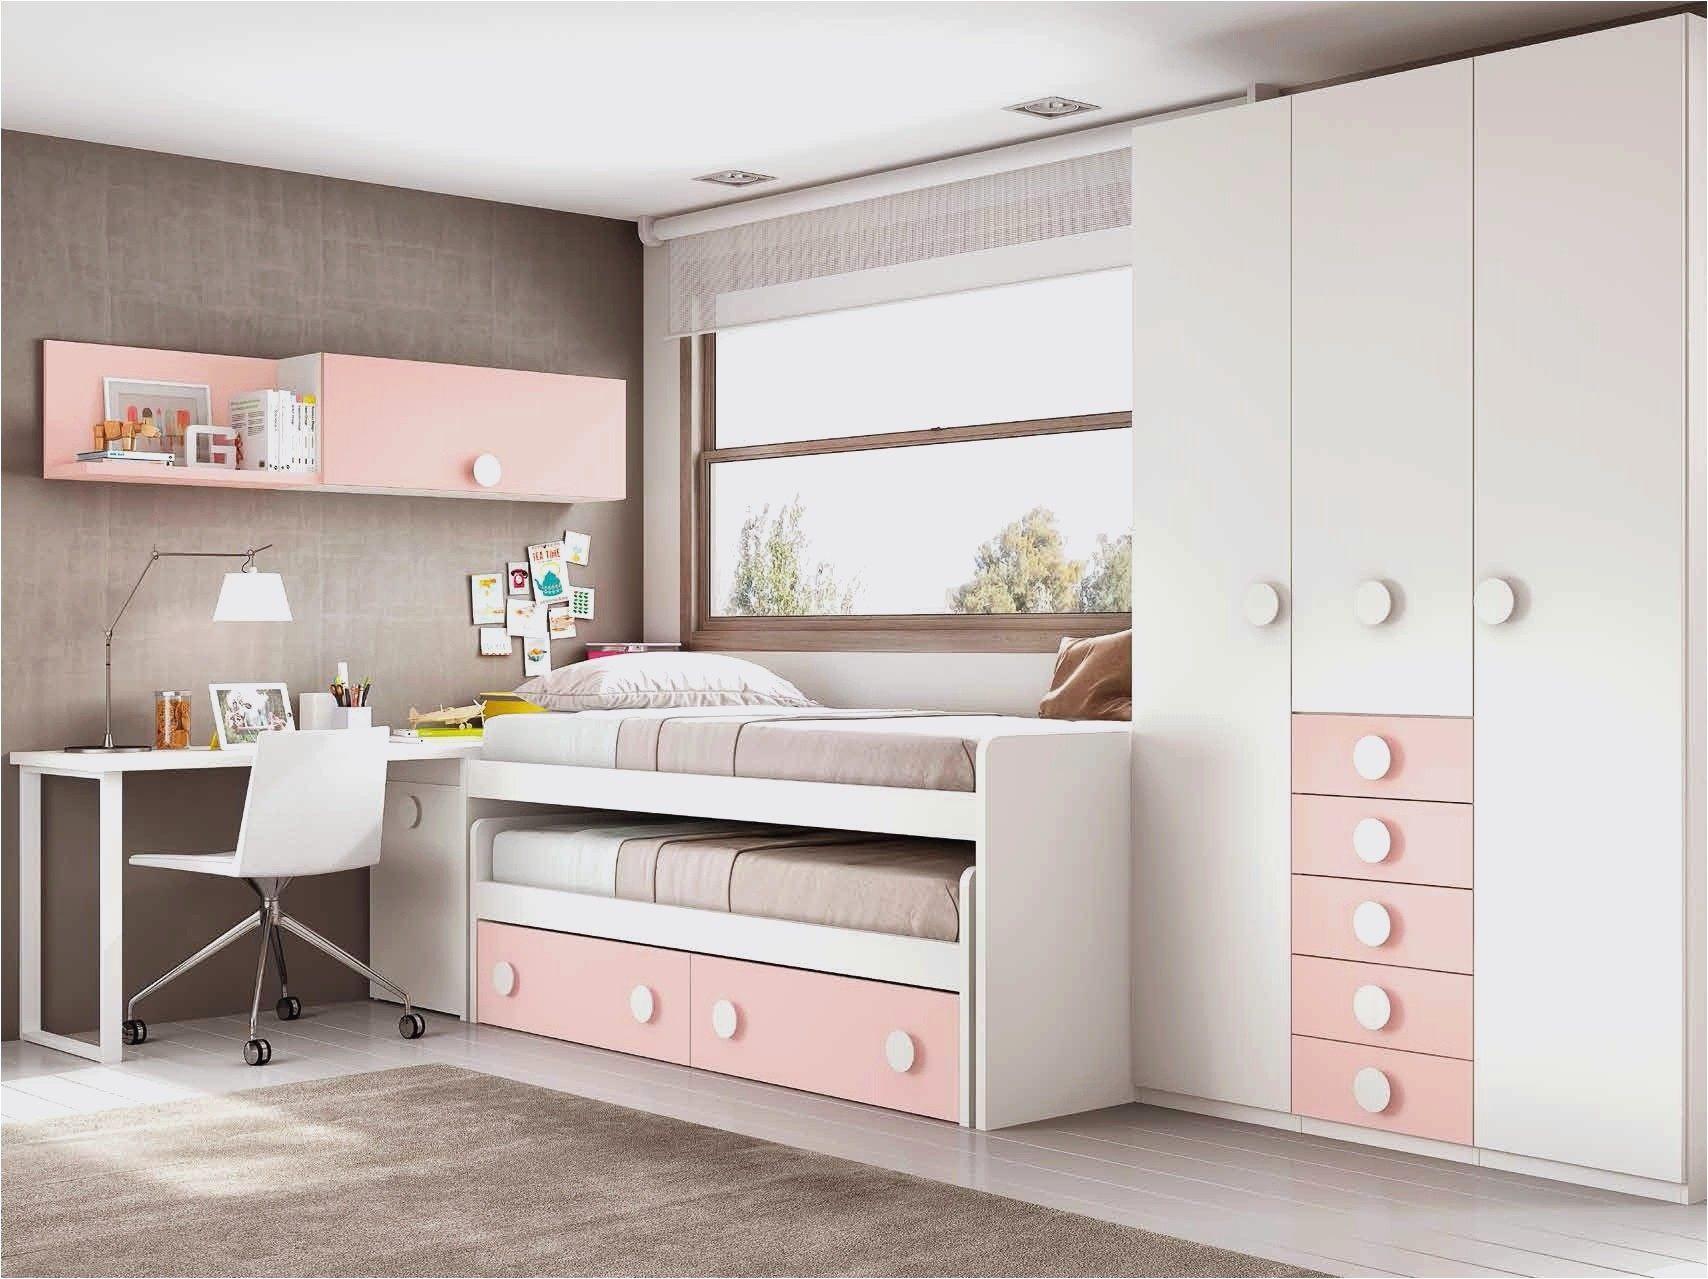 Lit 160×200 Design Agréable Beau Armoire Lit 160×200 Avec Lit Armoire 160—200 Awesome Banquette